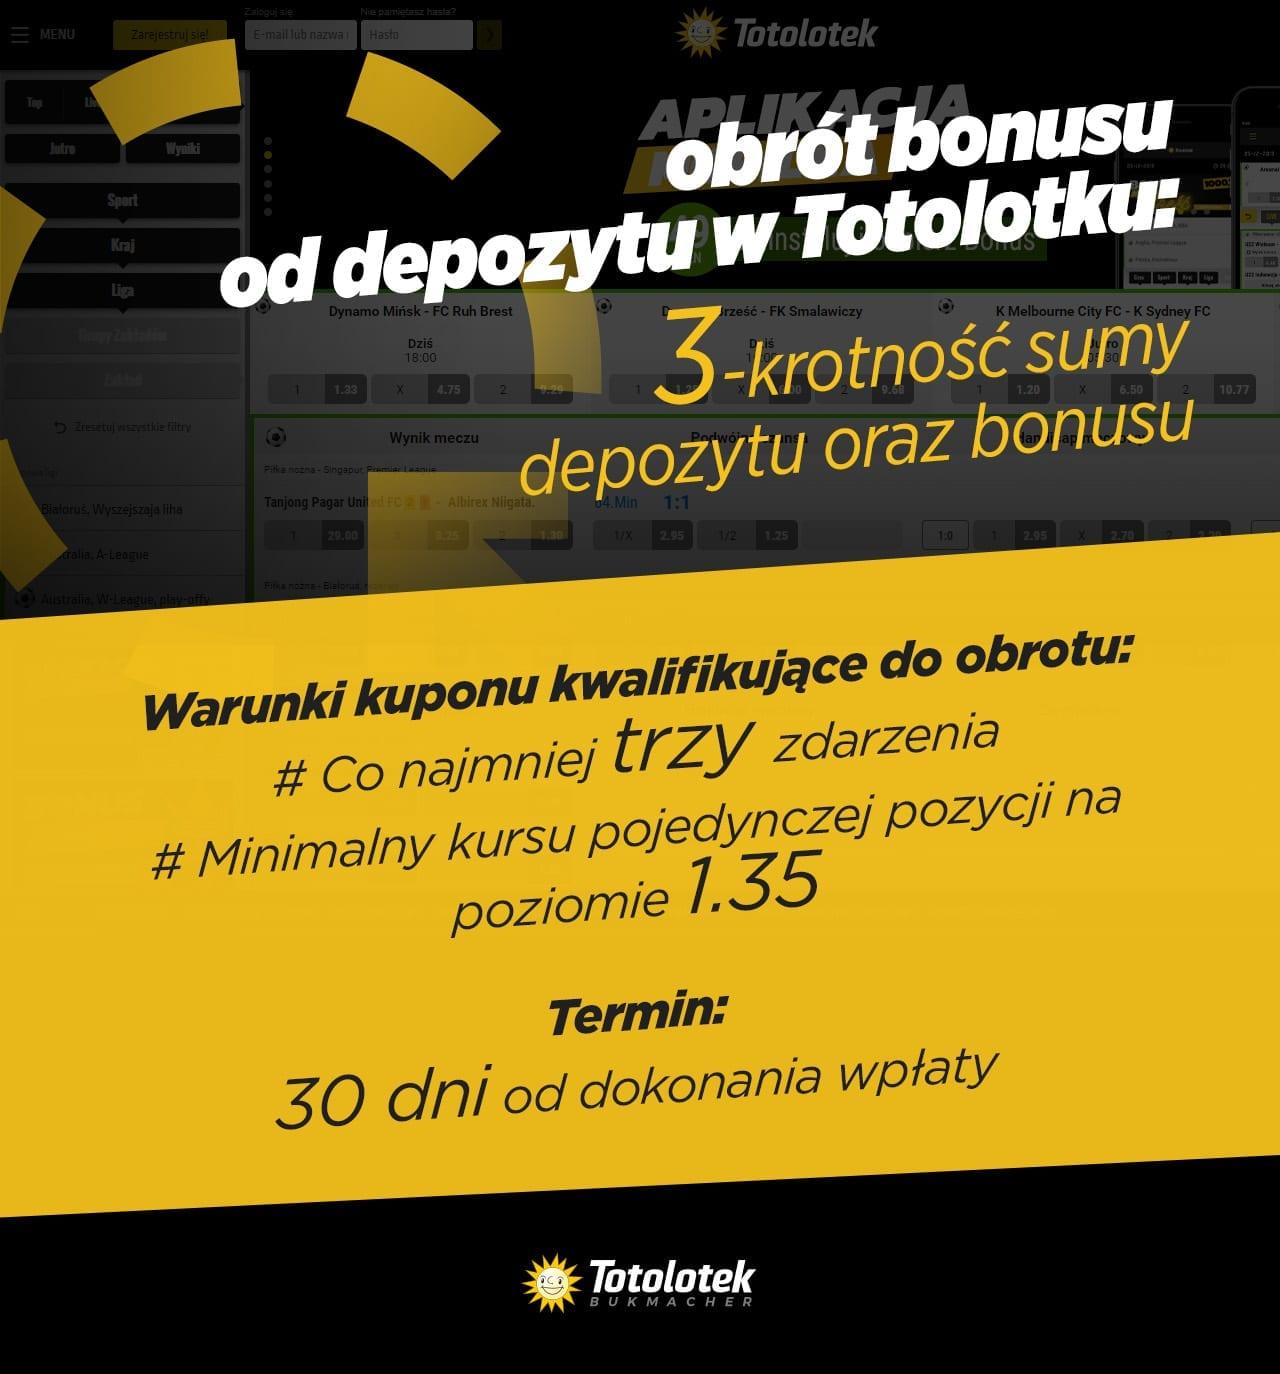 Totolotek bonus - obrót